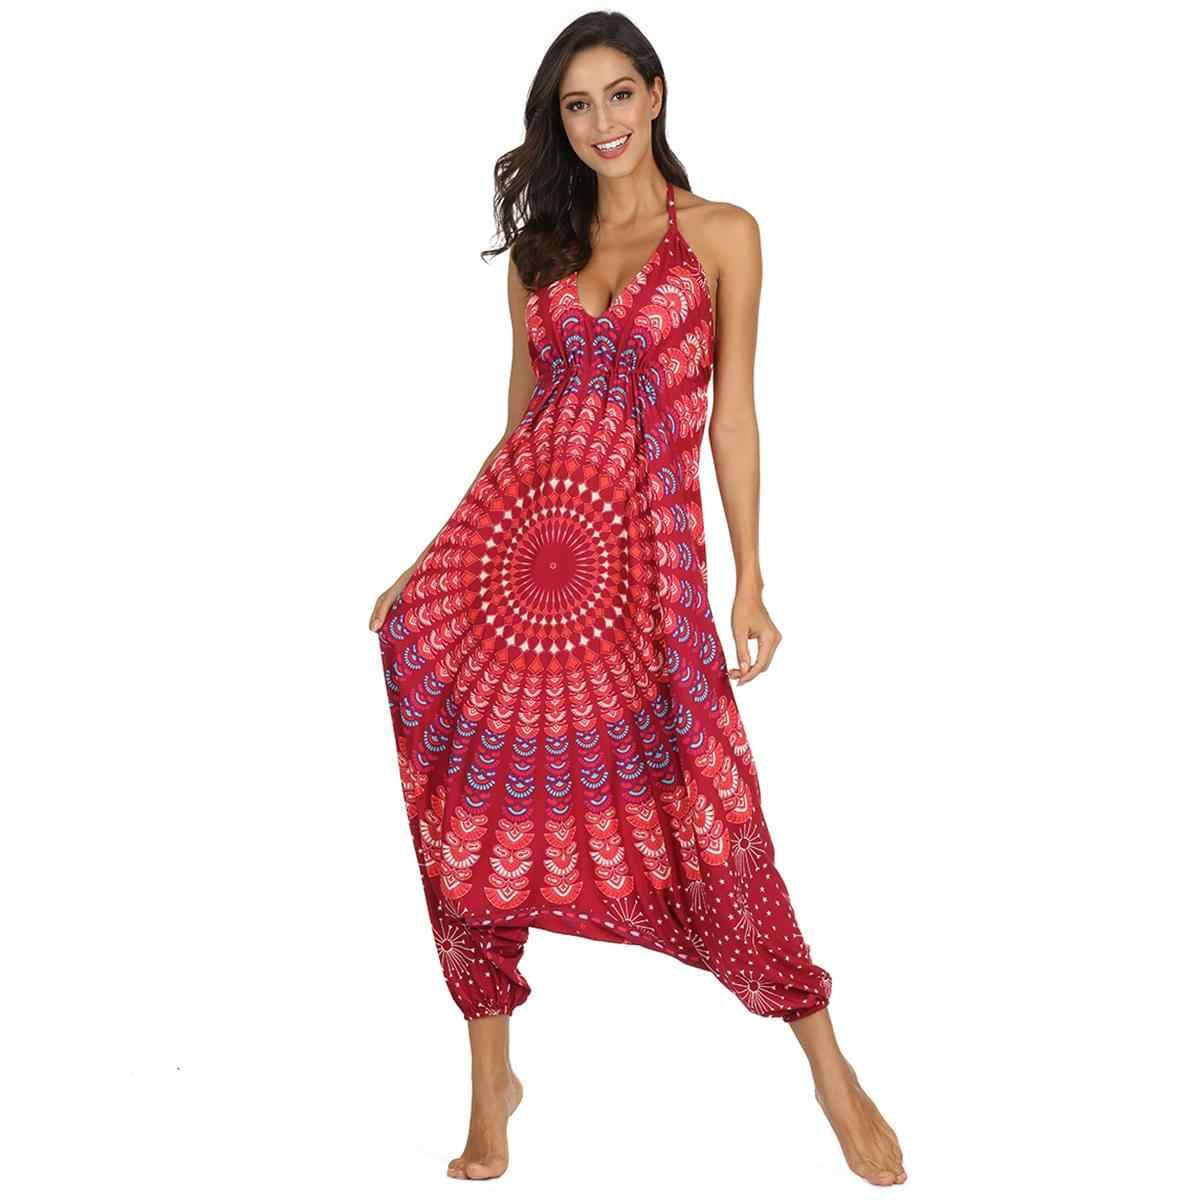 2019 Этническая Мандала Комбинезоны женские на тонких бретельках богемные цыганские тайские одежда комбинезоны праздничные пляжные боди Mujer комбинезоны